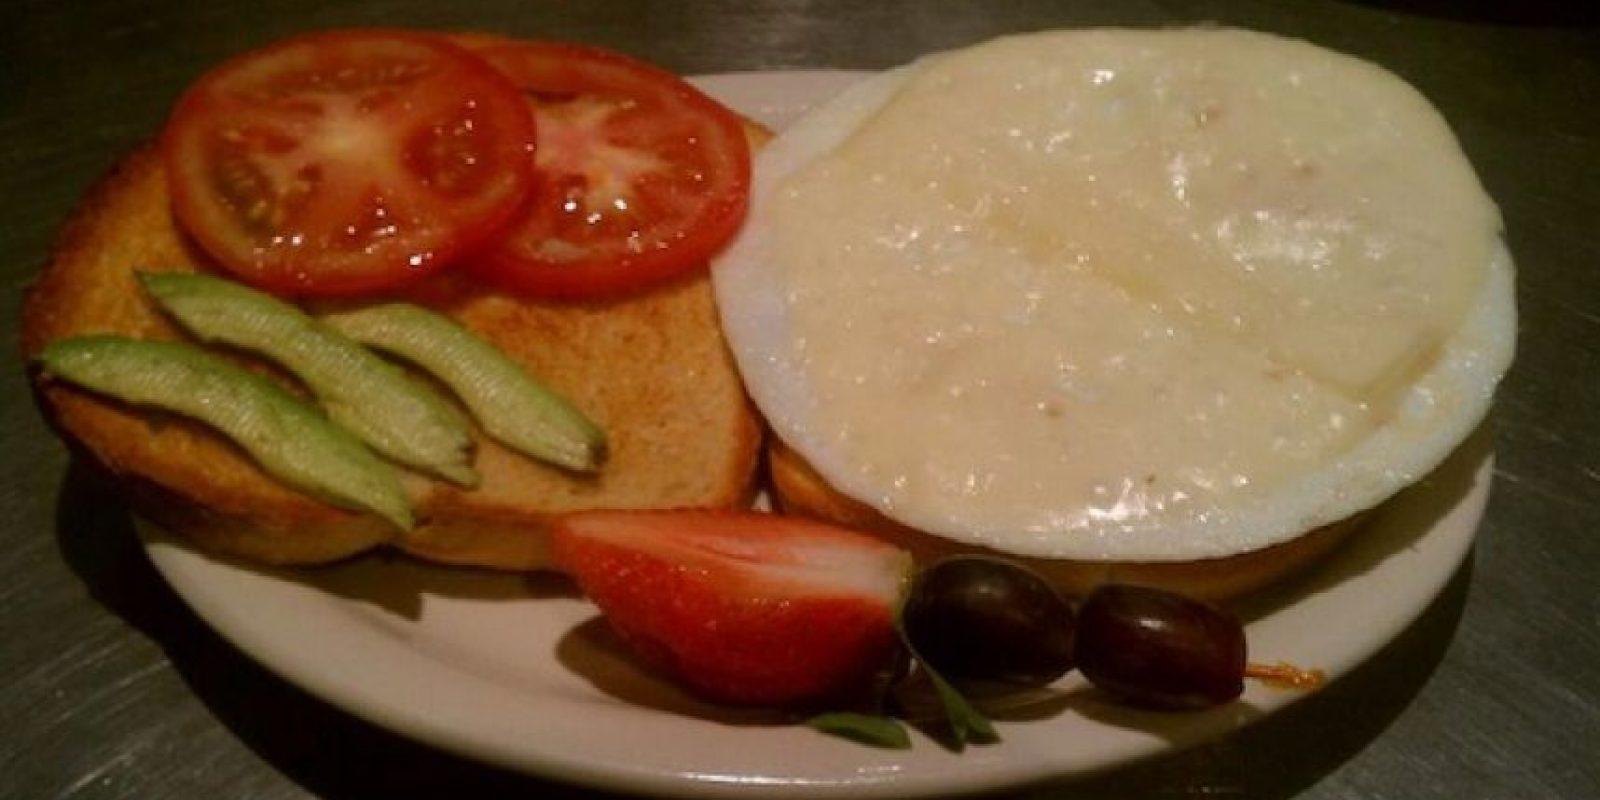 El menú completo del The Glass Onion Café, Tucson, Arizona, está dedicado a los Beatles: desde su ensalada Lettuce Be hasta el sandwich No Yoko! Foto:Facebook Glass Onion Cafe